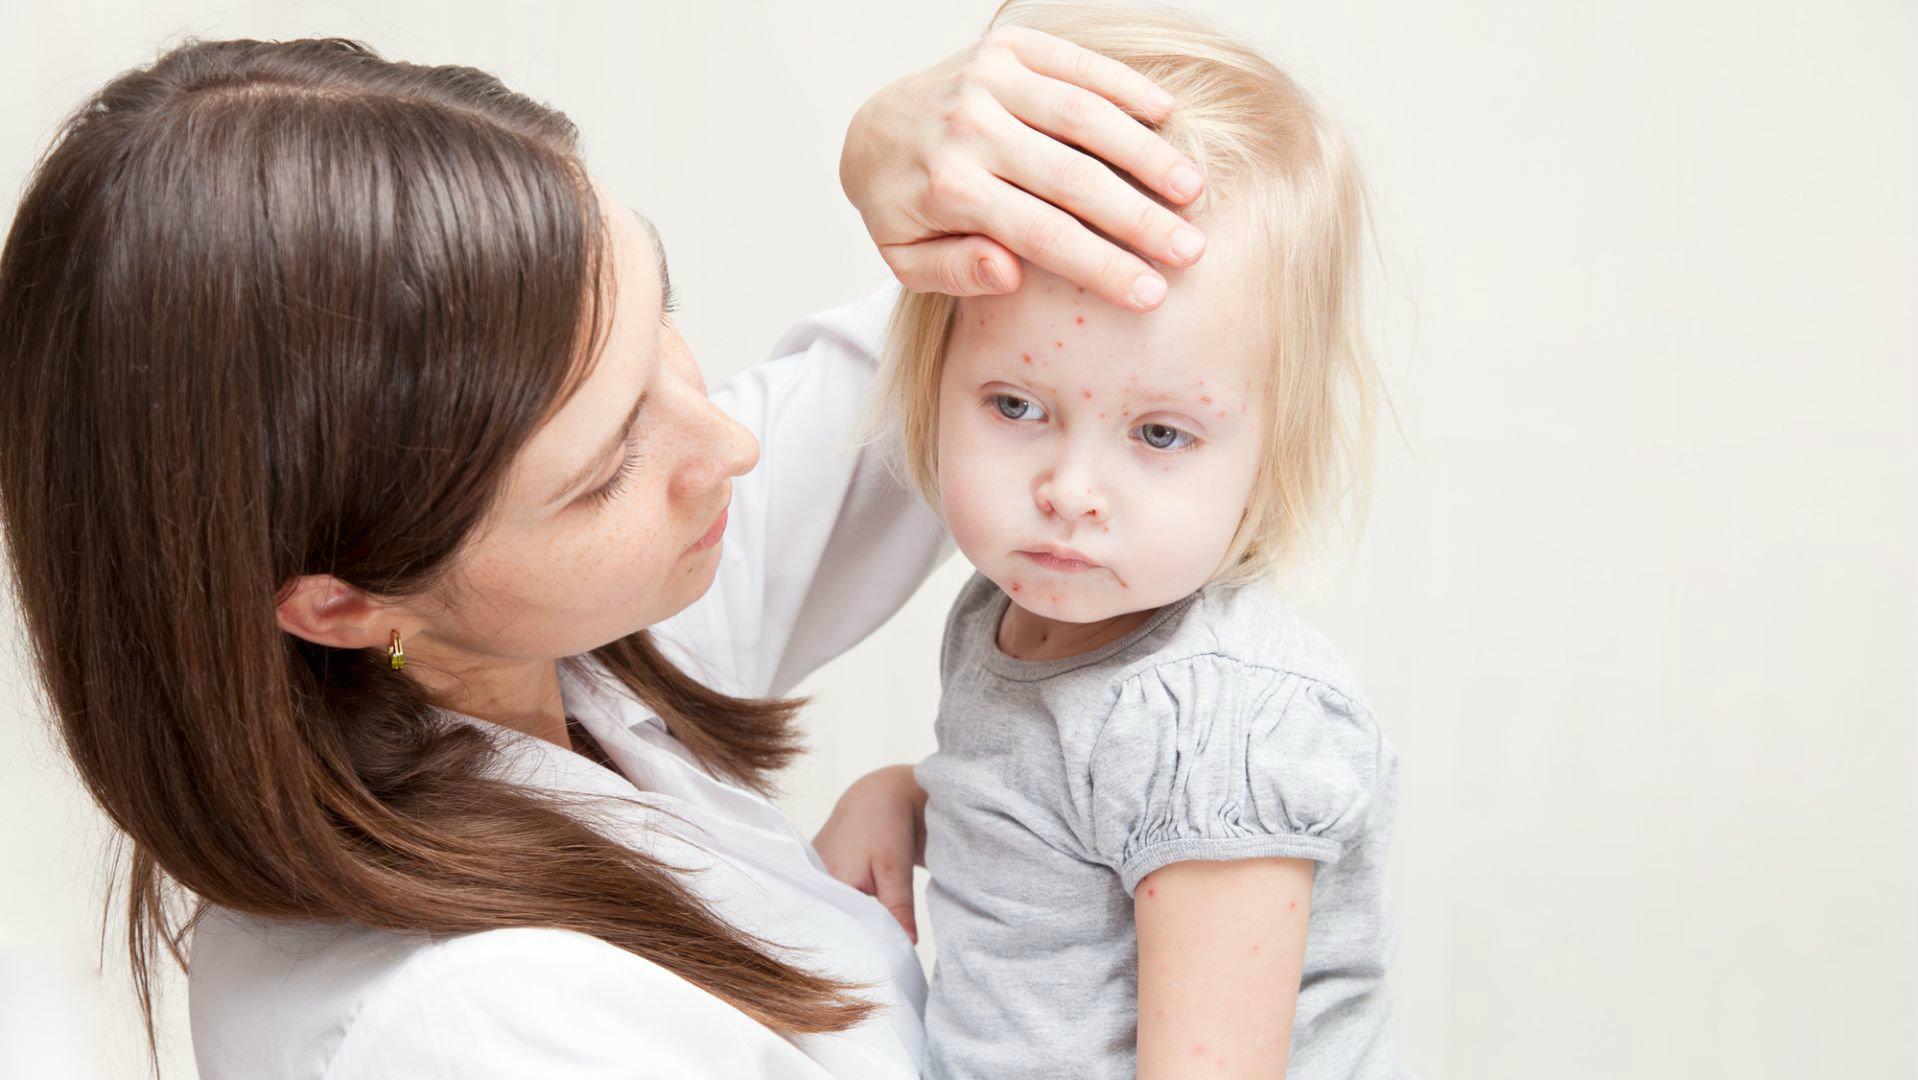 doenças comuns na infância